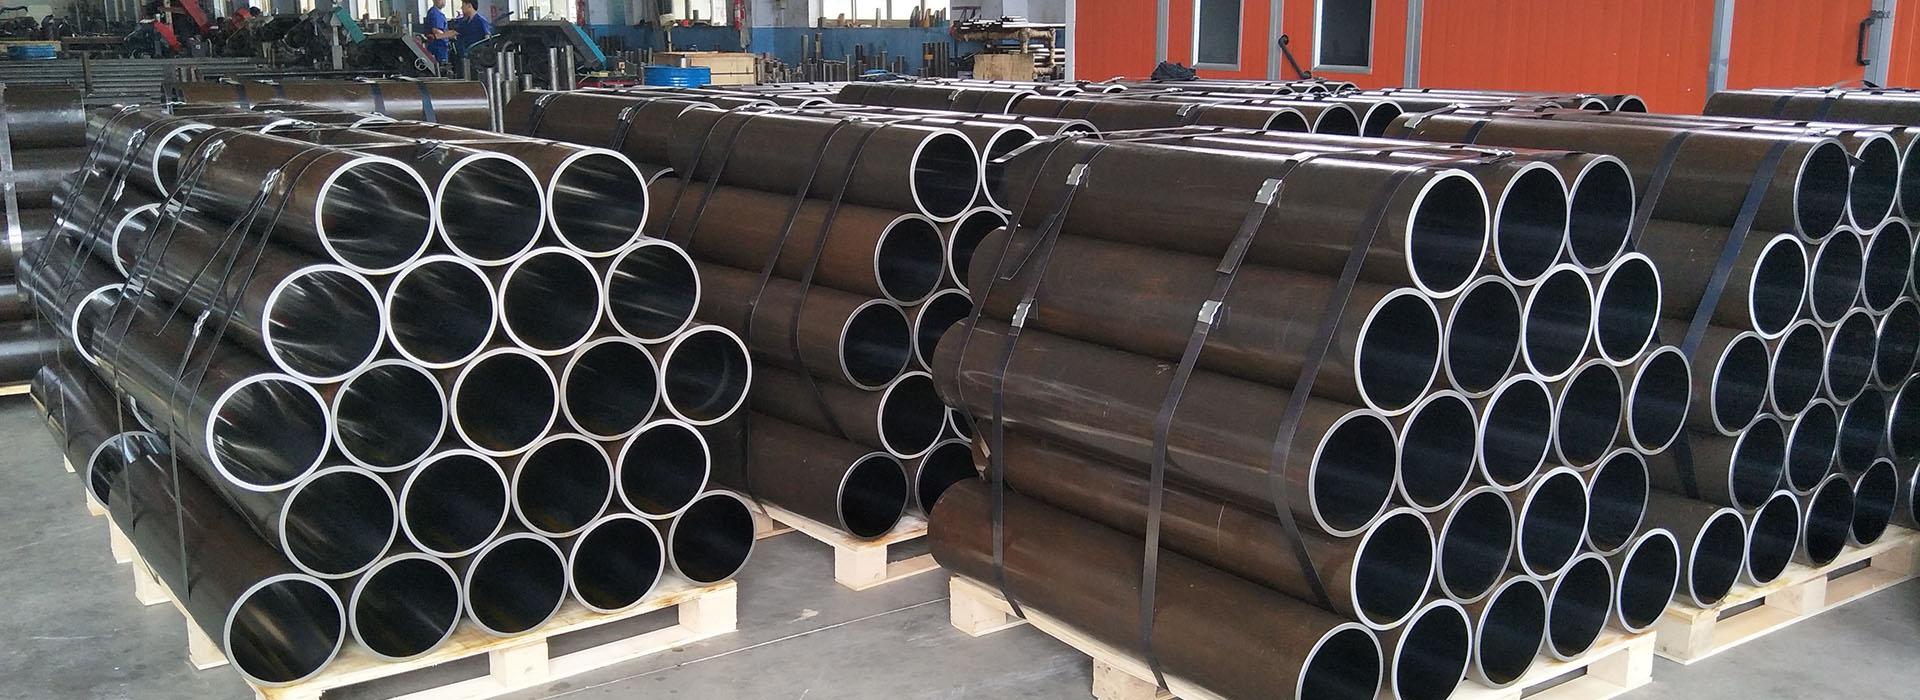 珩磨管生产现货加工厂家